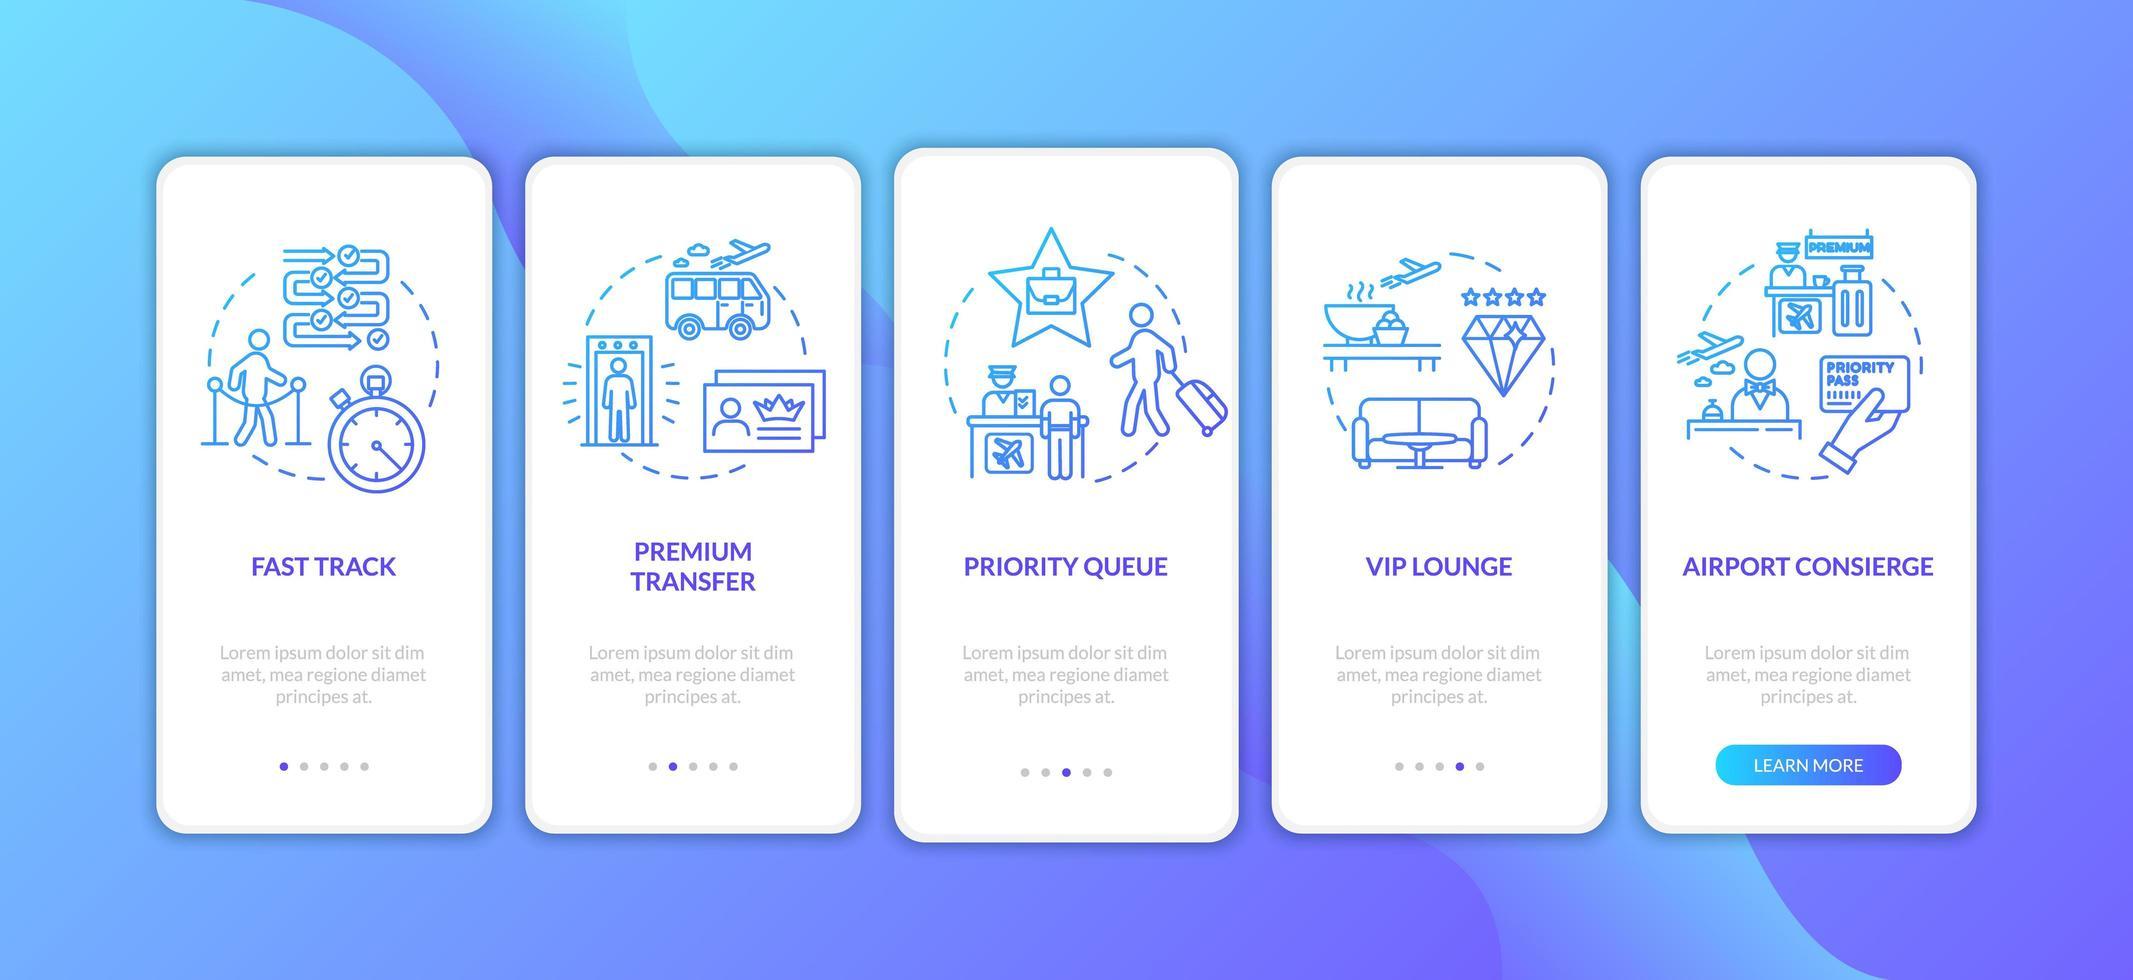 pantalla de la página de la aplicación móvil de incorporación del servicio premium del aeropuerto con conceptos. vector